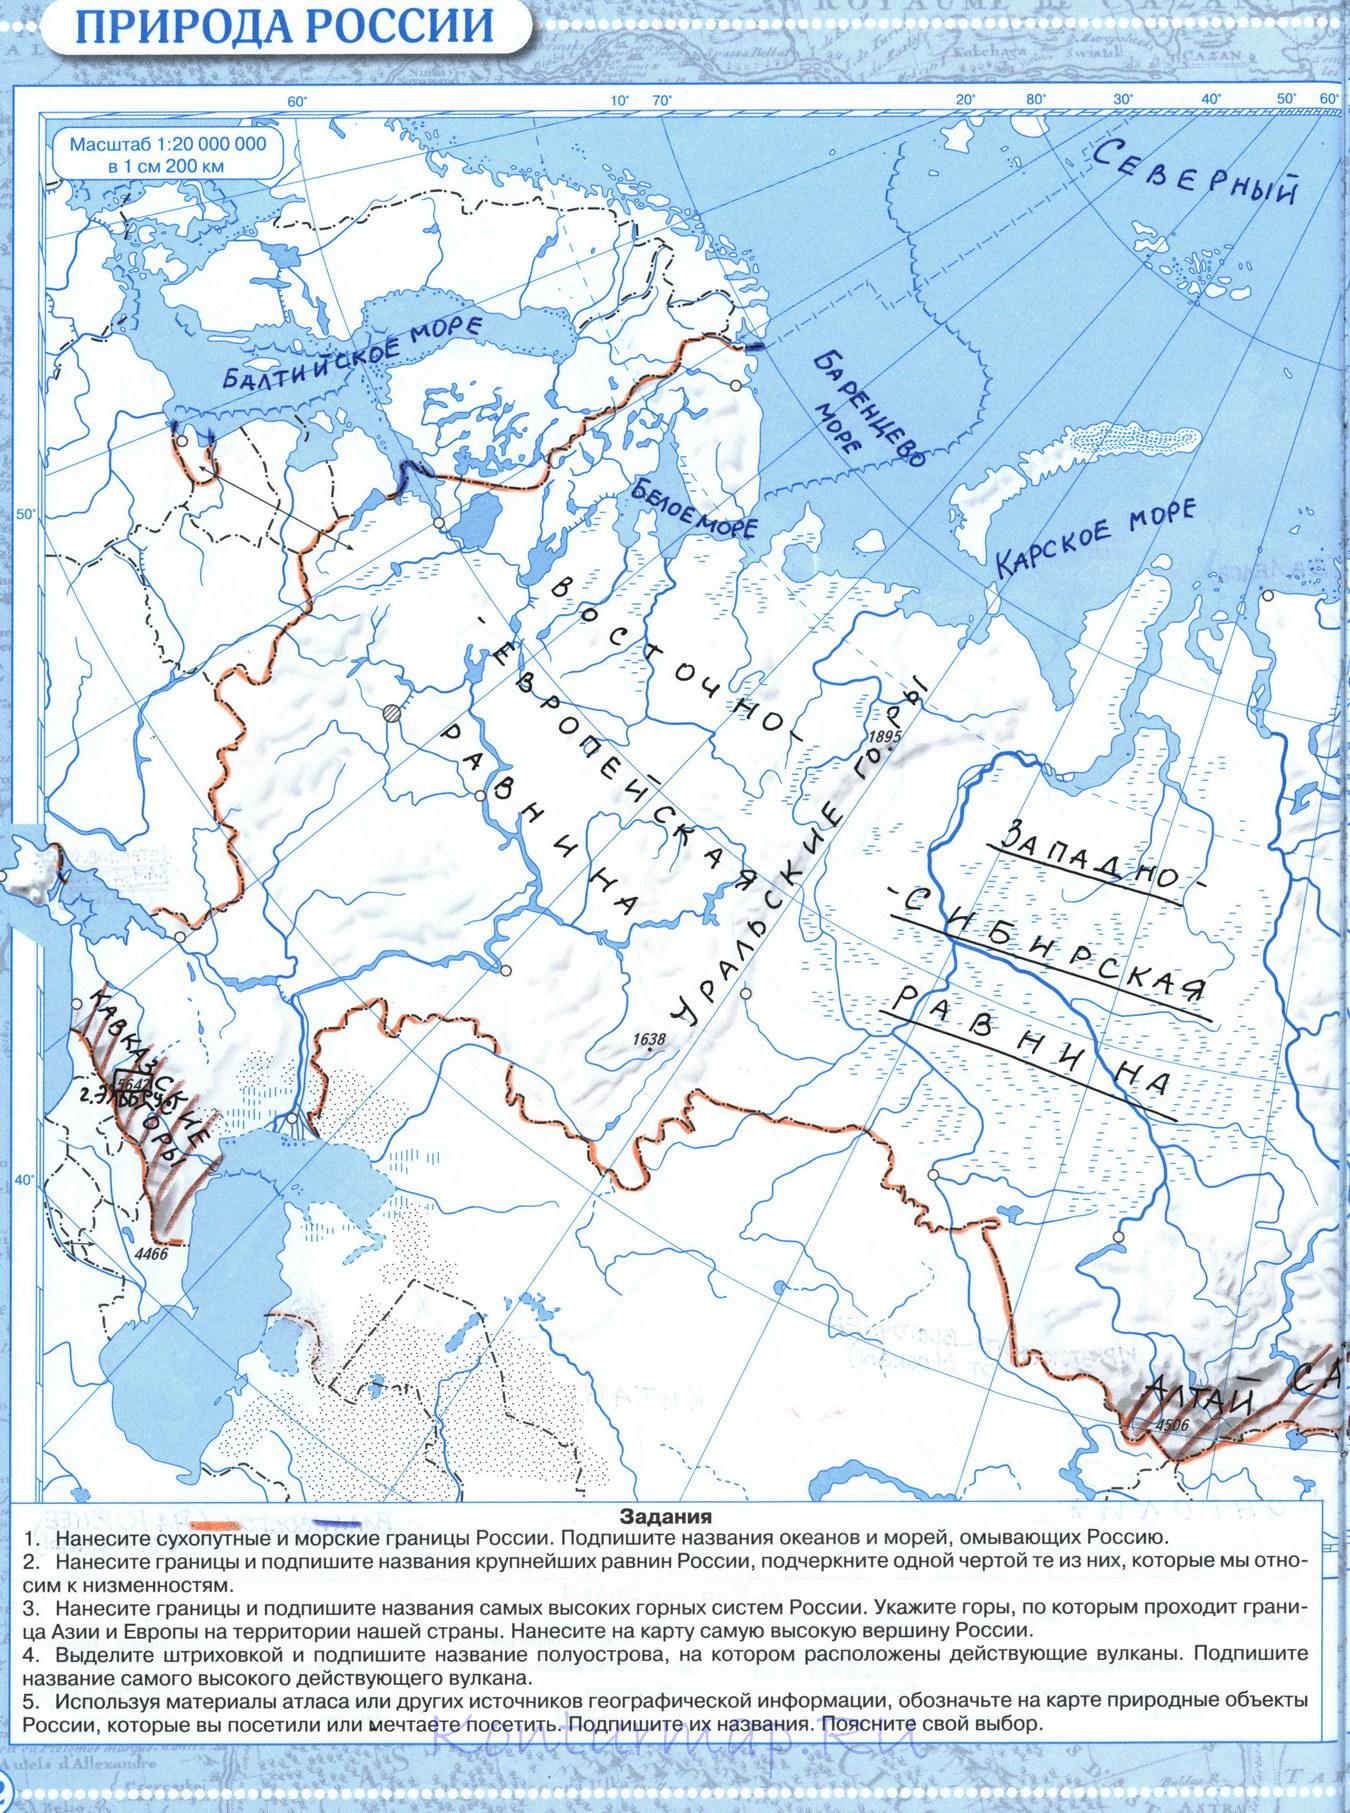 гдз по контурной карте 9 класс дик